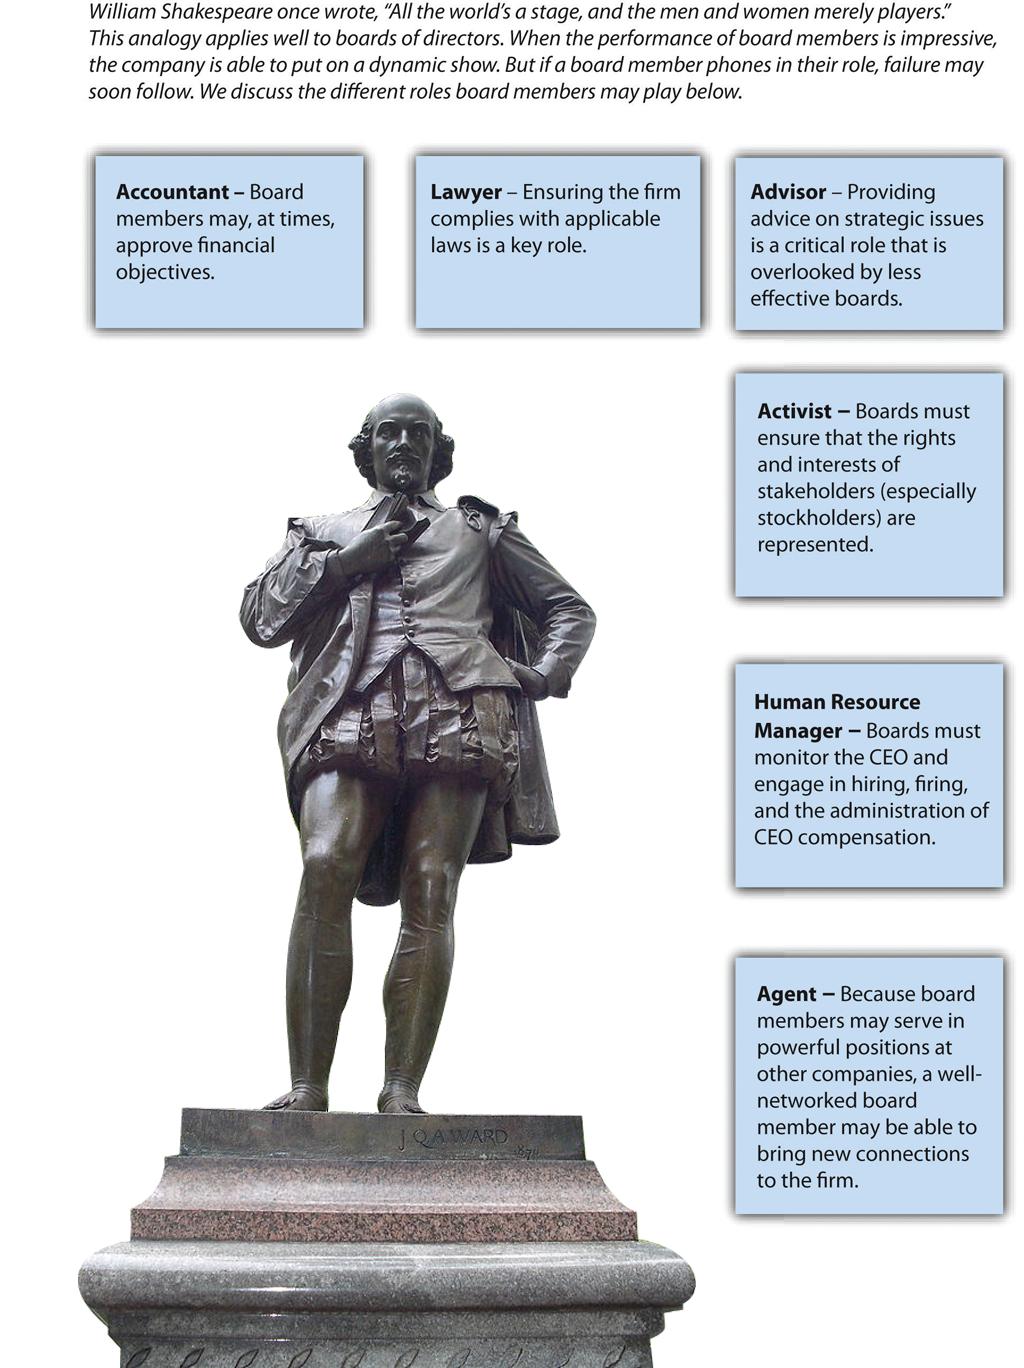 Figure 10-1: Board Roles, image description available